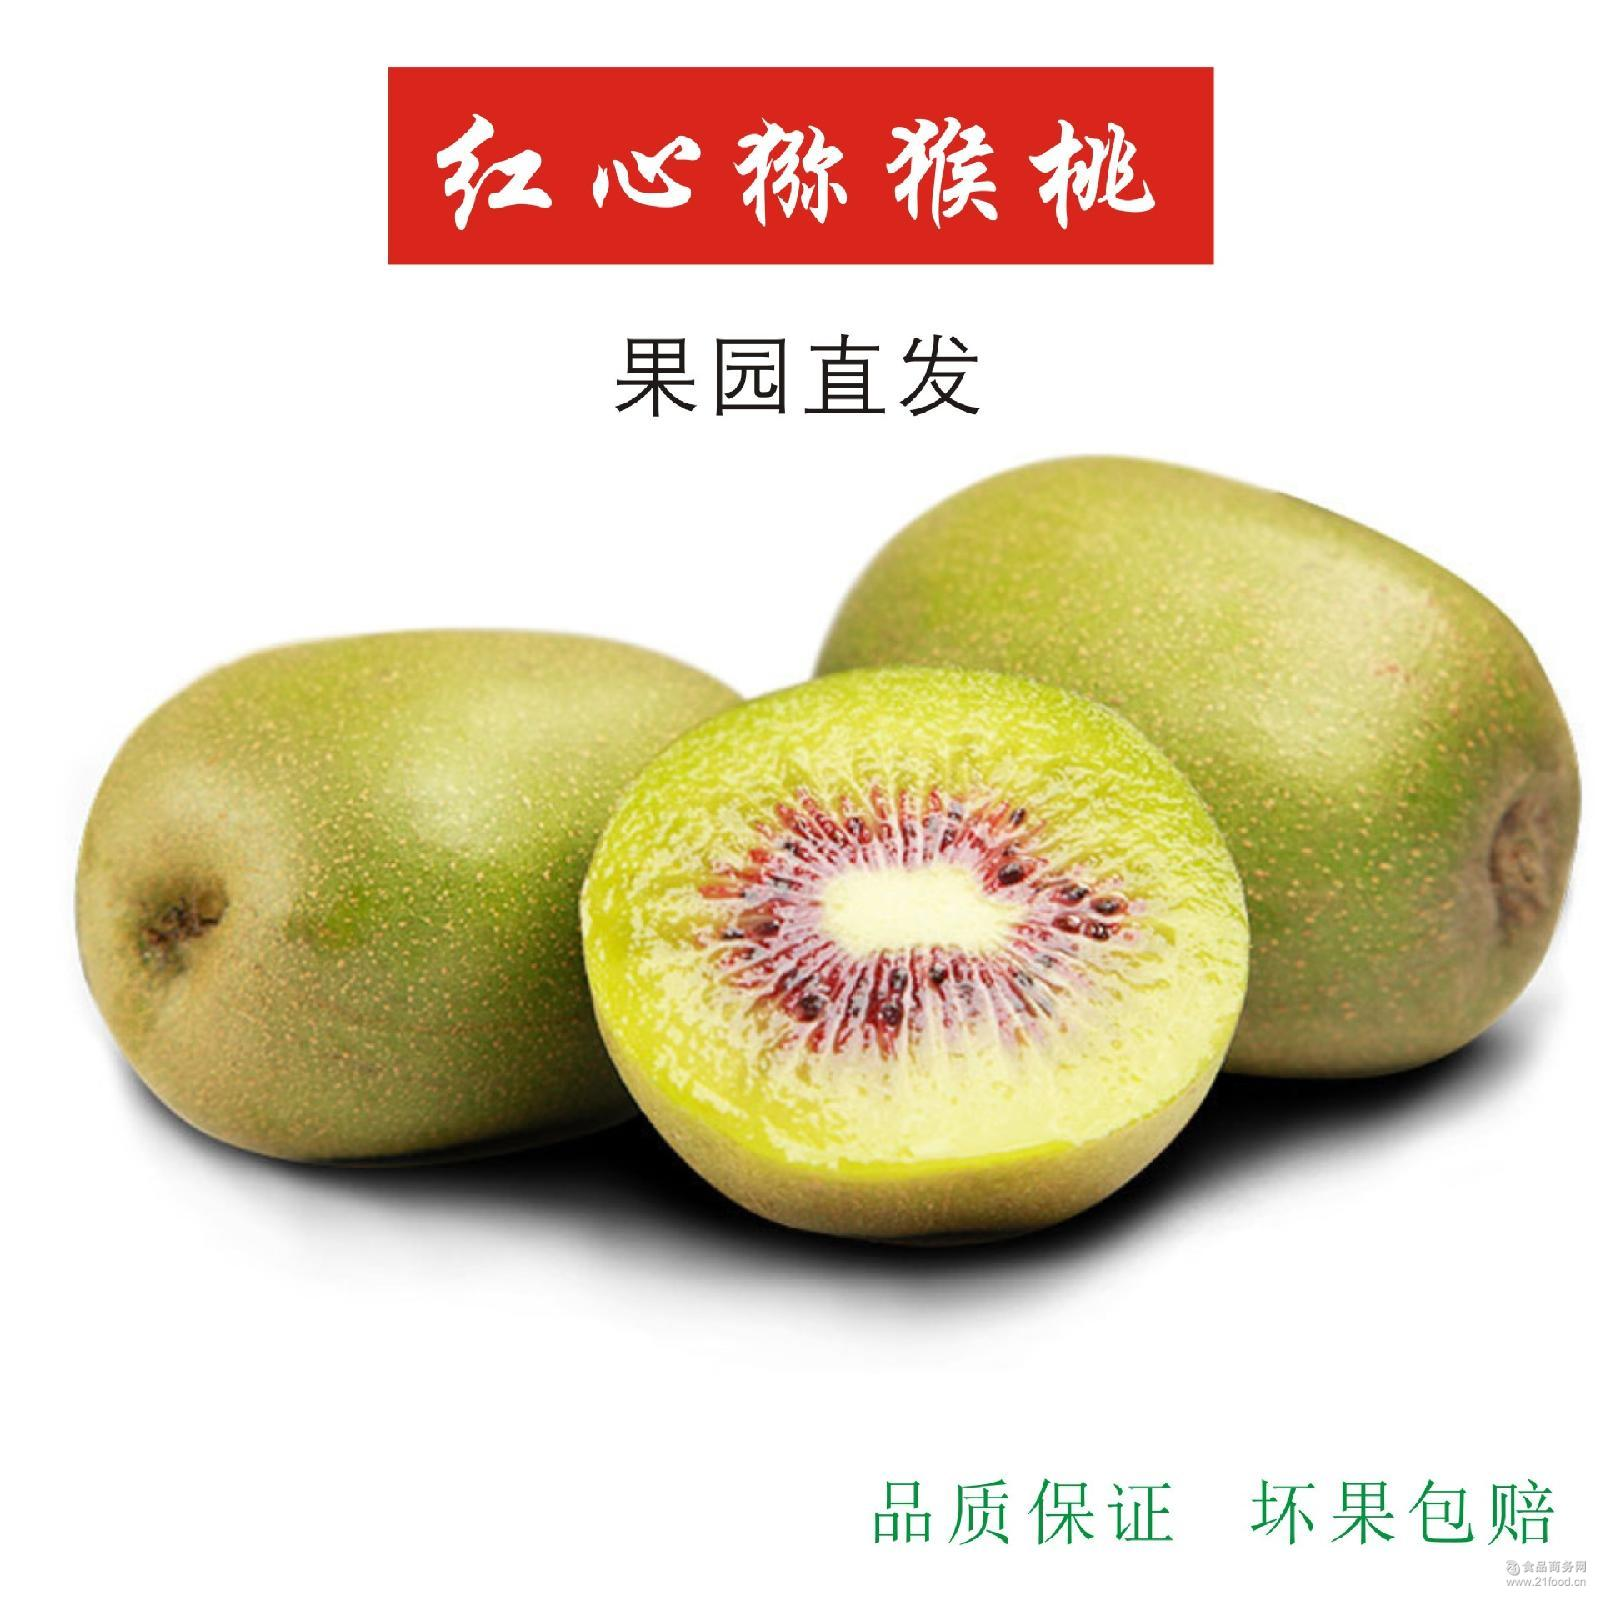 【500份特价】齐峰红心猕猴桃20颗 陕西眉县奇异果新鲜水果 现货